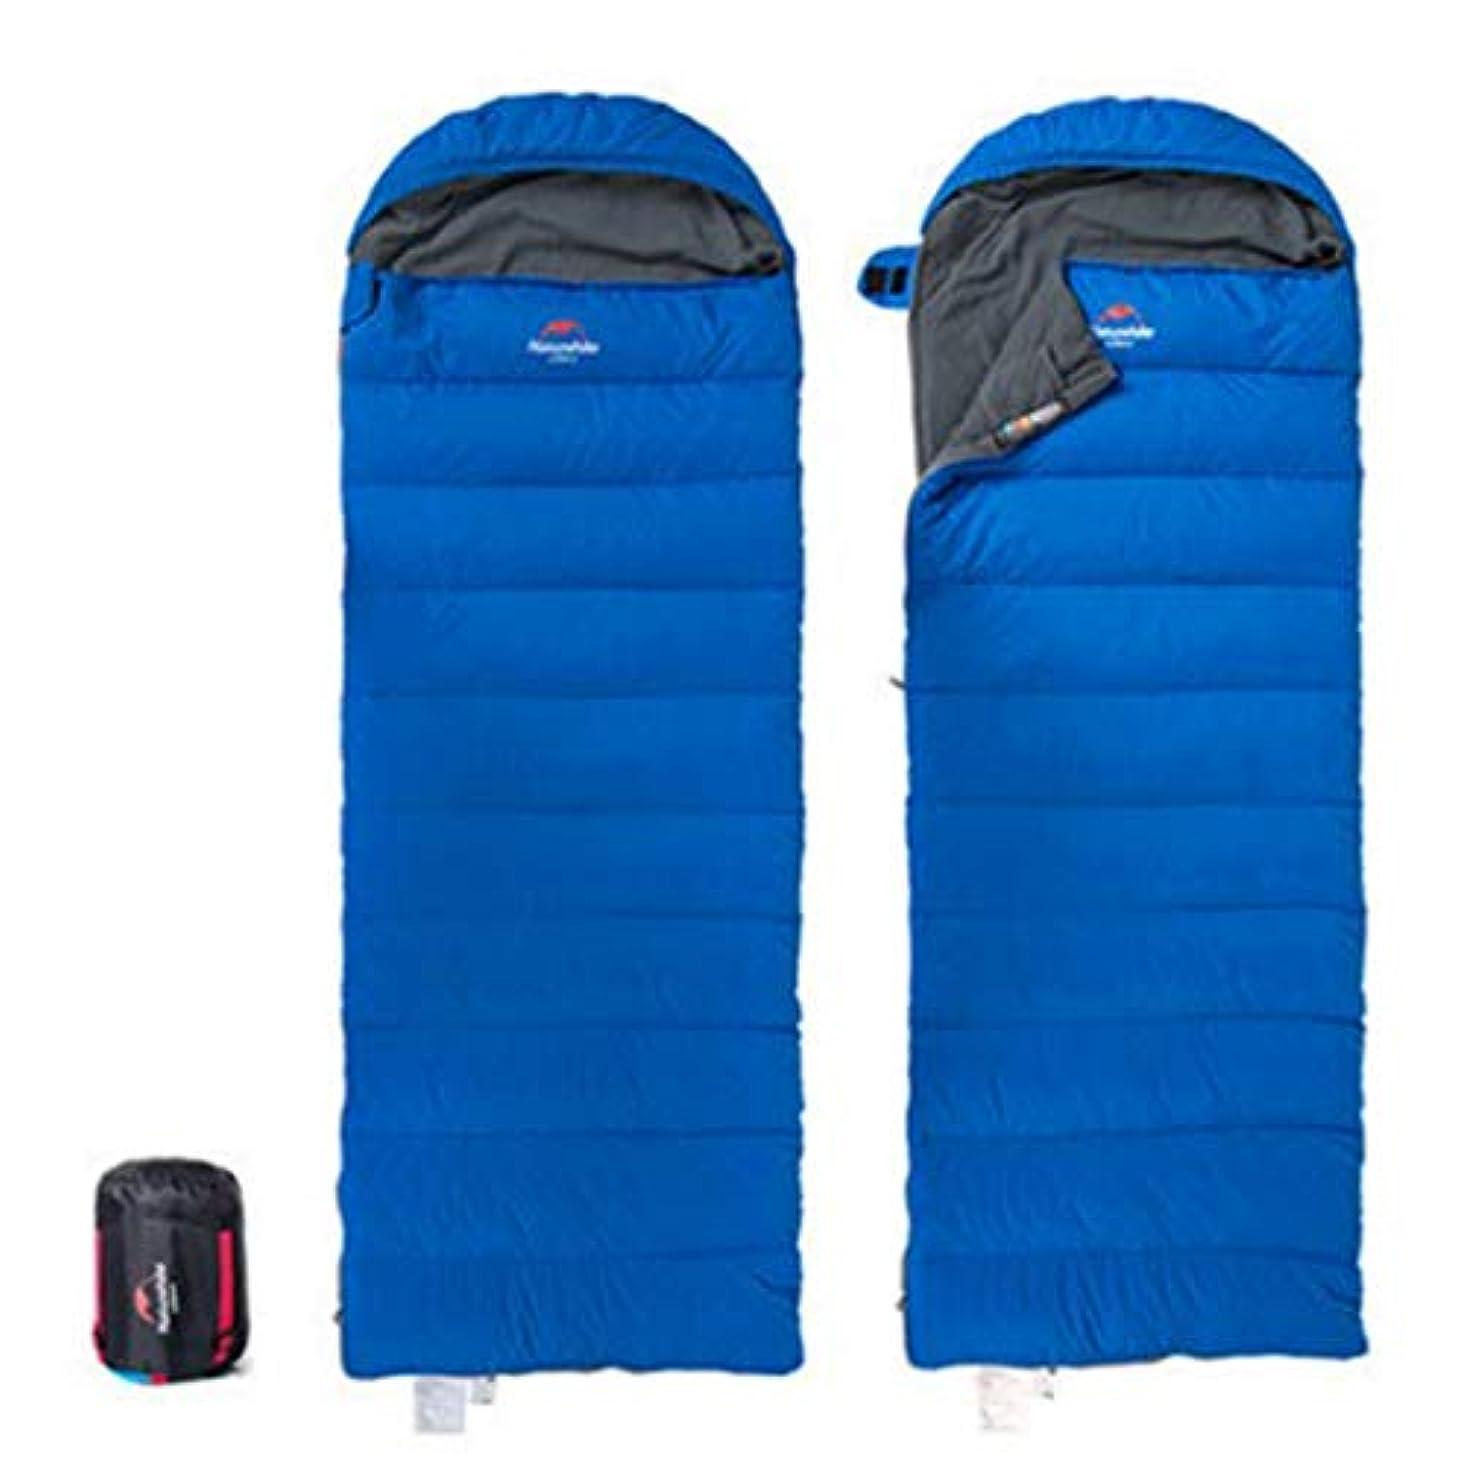 下手審判放射性CUBCBIIS キャンプの寝袋屋外の多機能および便利な軽量の、防水寝袋 (Color : ブルー)